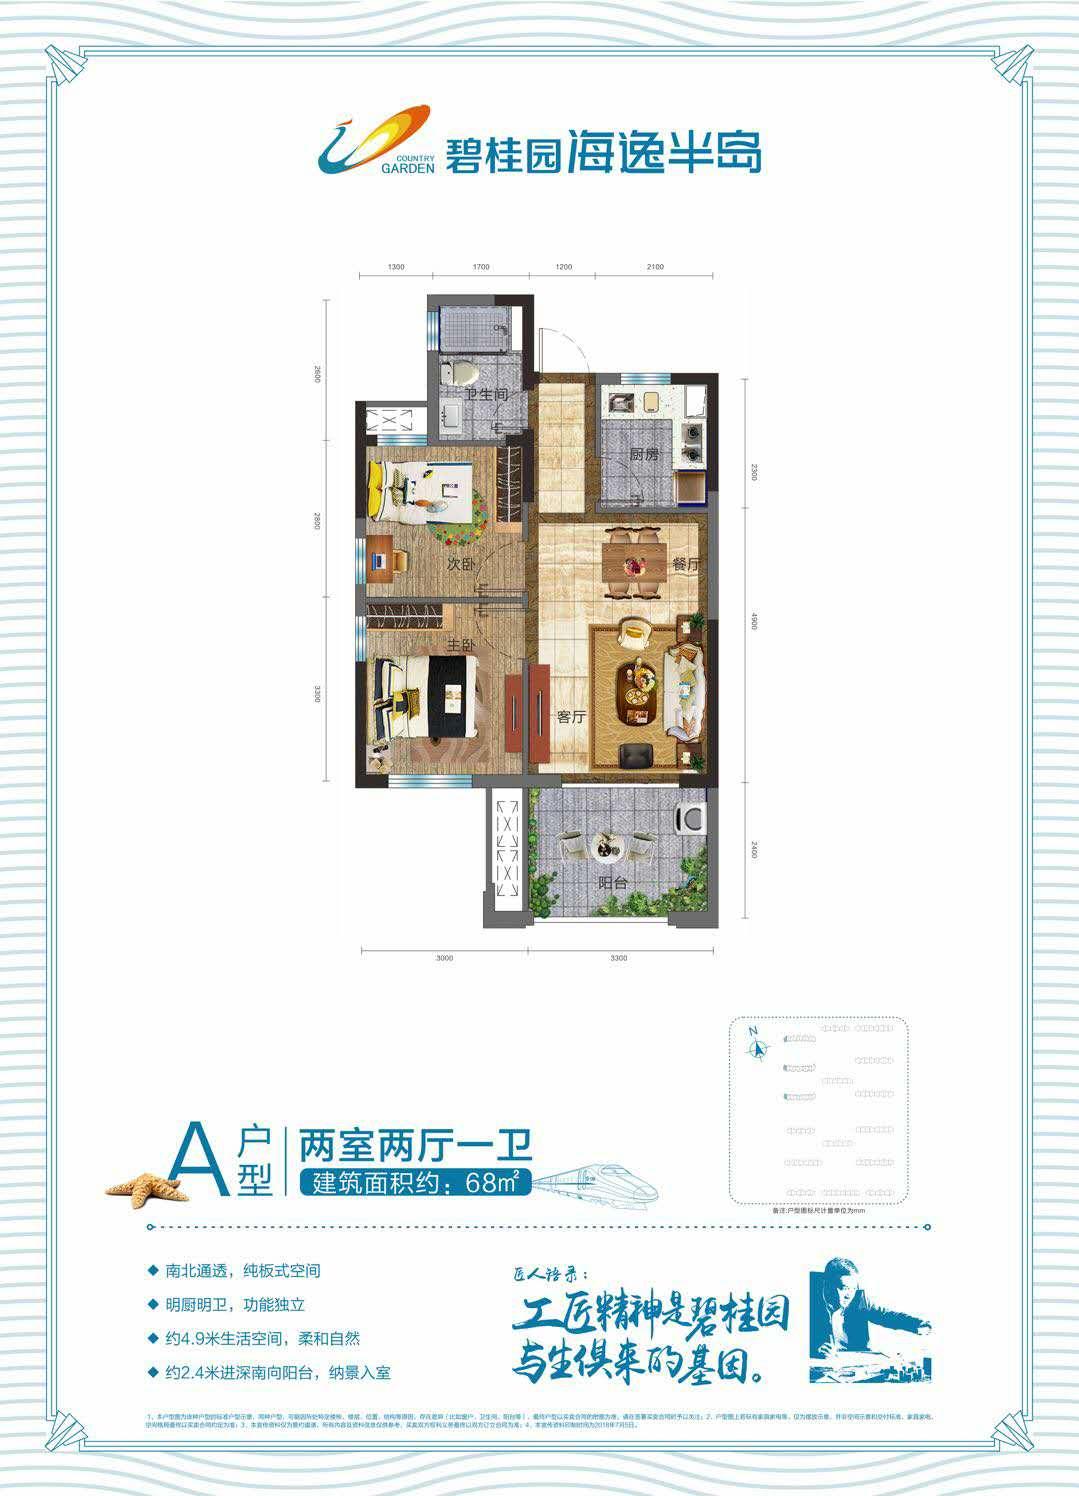 东方碧桂园3室 2厅 2卫158万元